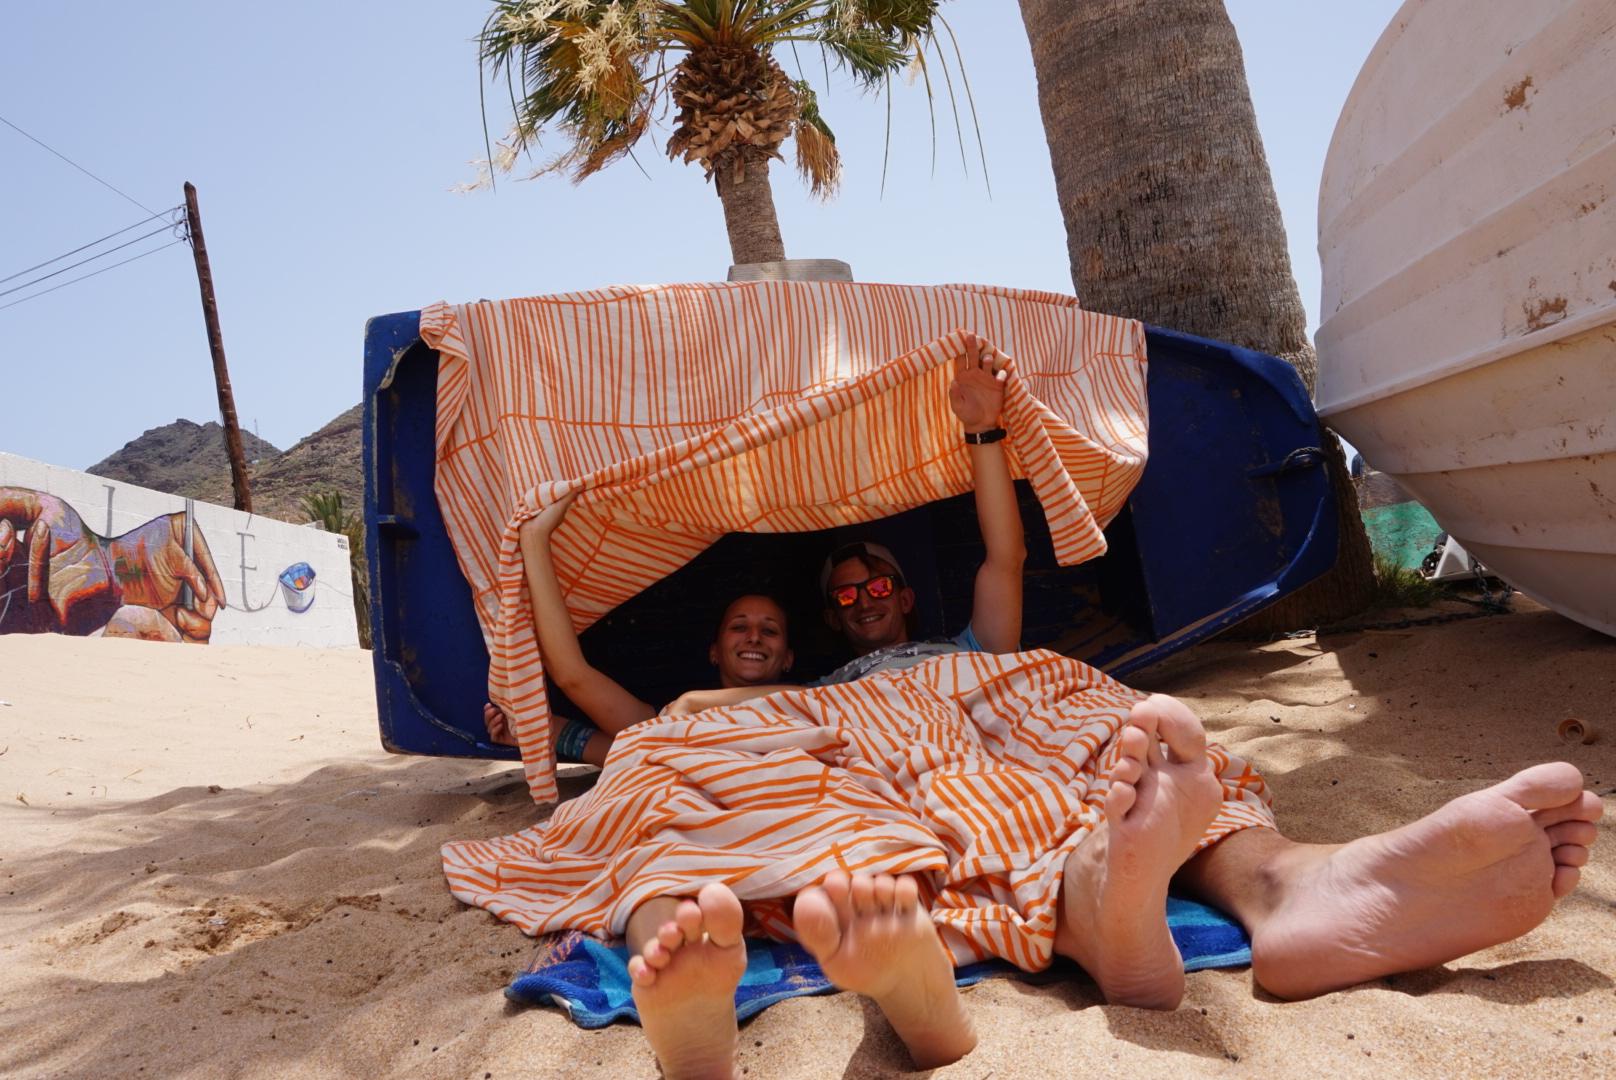 Nocleg na plaży koło Santa Cruz